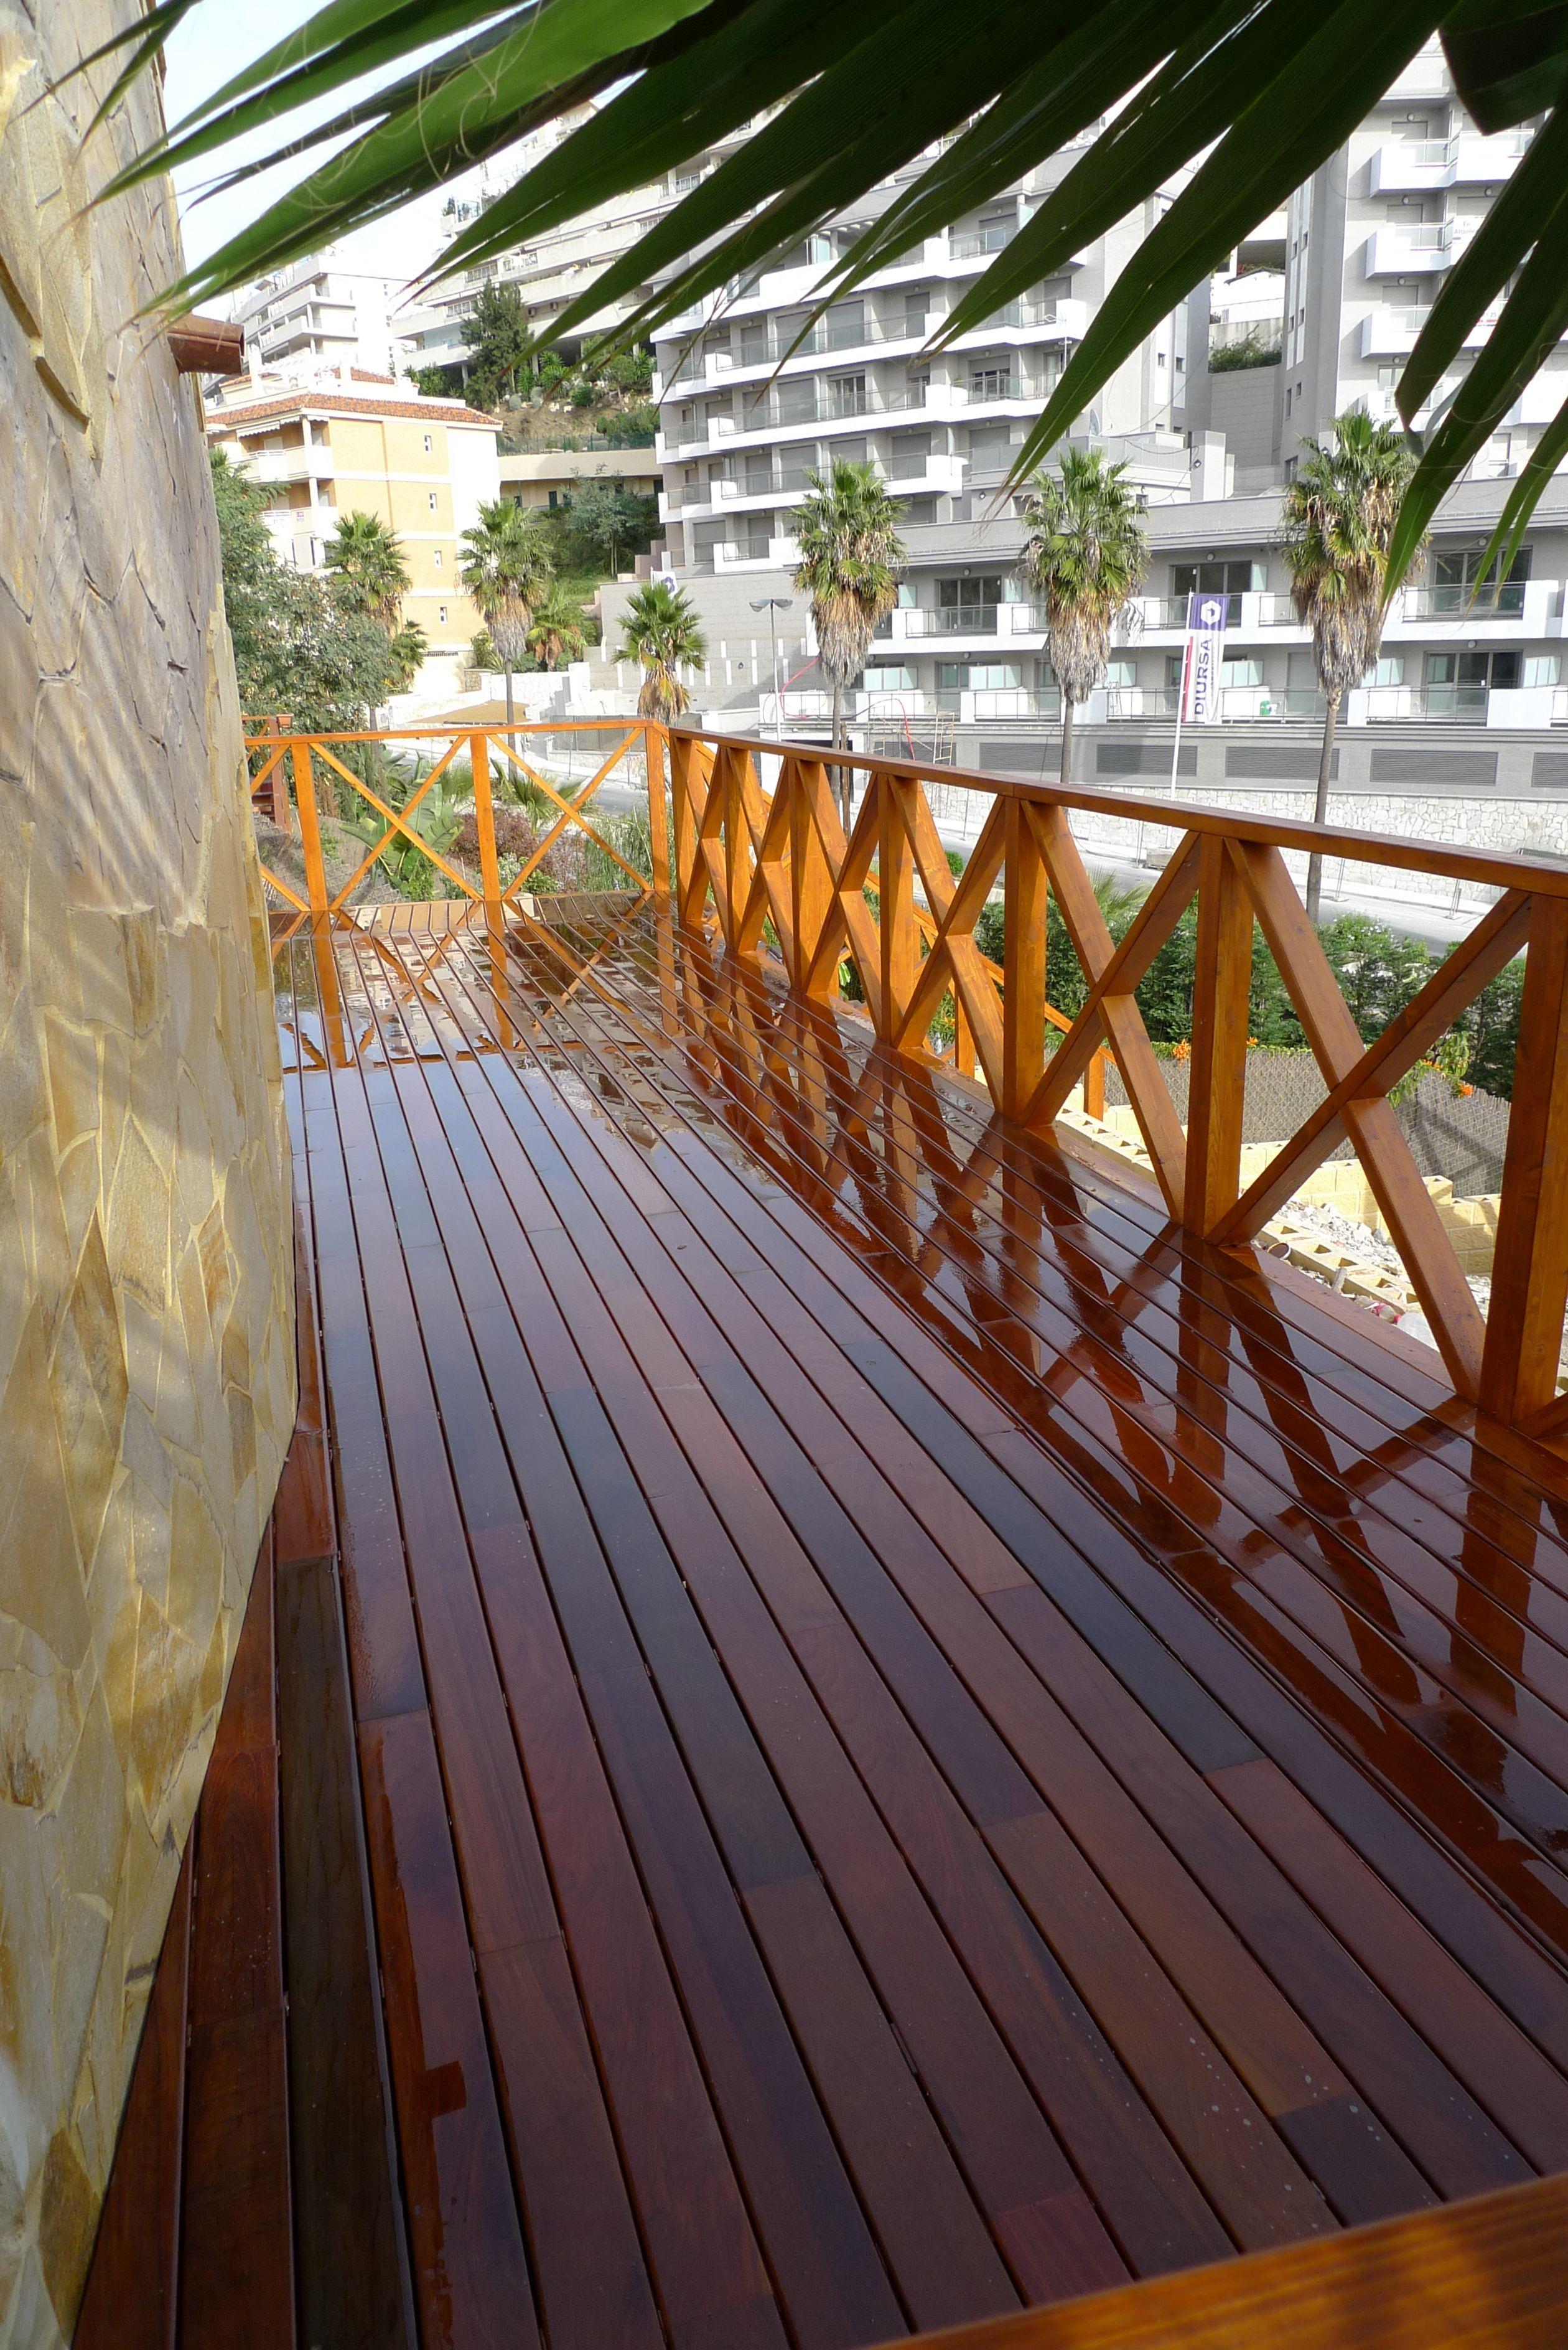 Reforma en jard n detalle barandilla y suelo de madera - Barandilla madera exterior ...